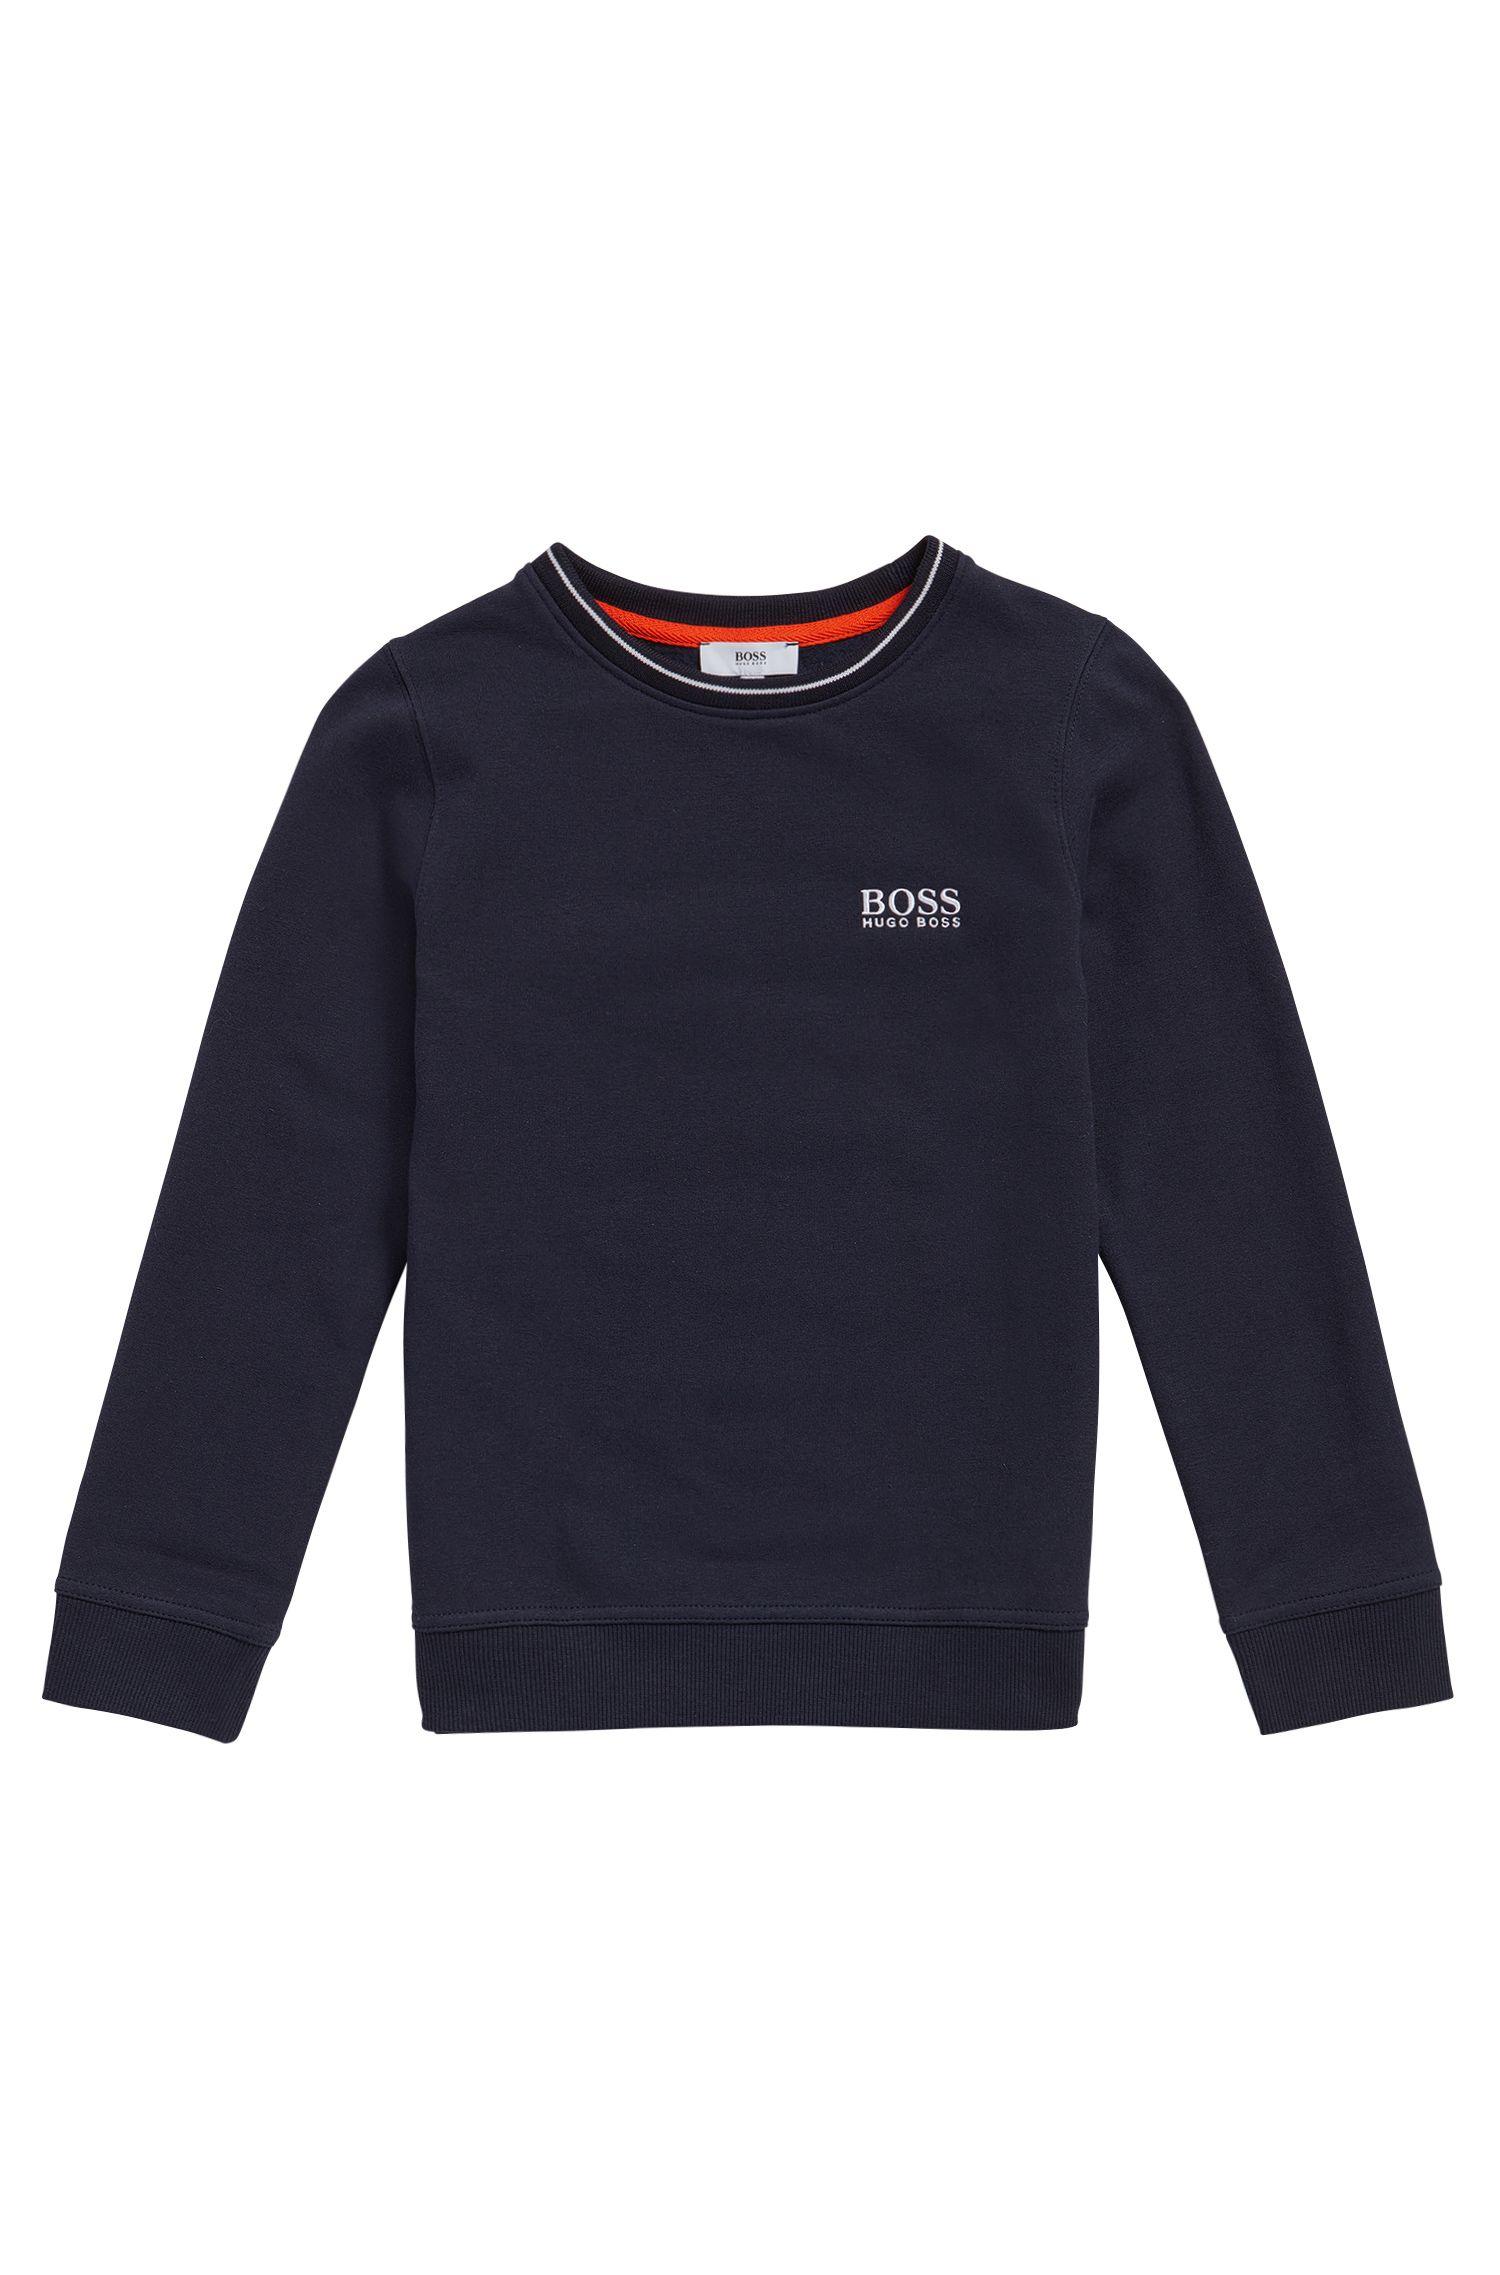 Kids-Sweatshirt aus Baumwolle mit Logo-Stickerei: 'J25985'